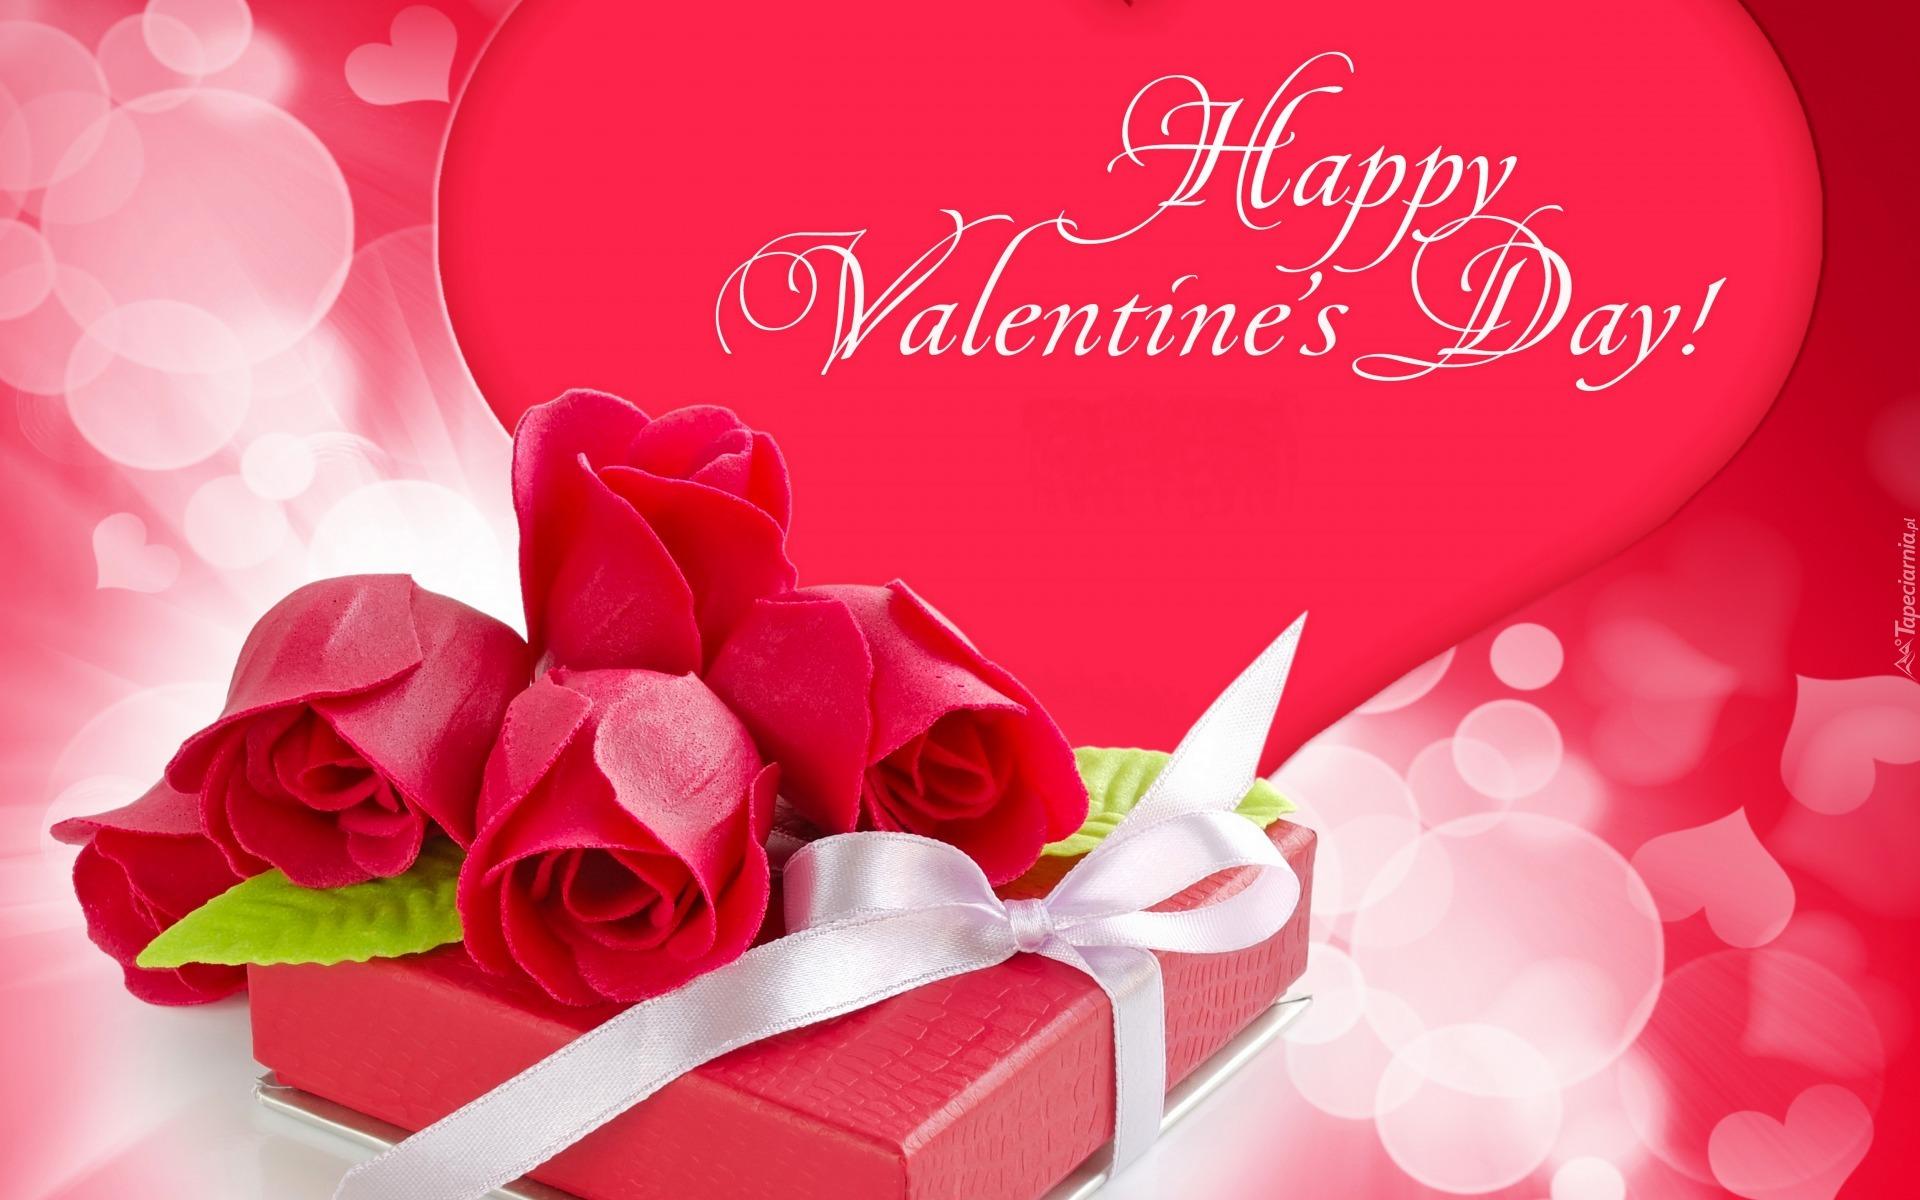 życzenia Walentynkowe: Życzenia Walentynkowe Z Prezentem I Różami